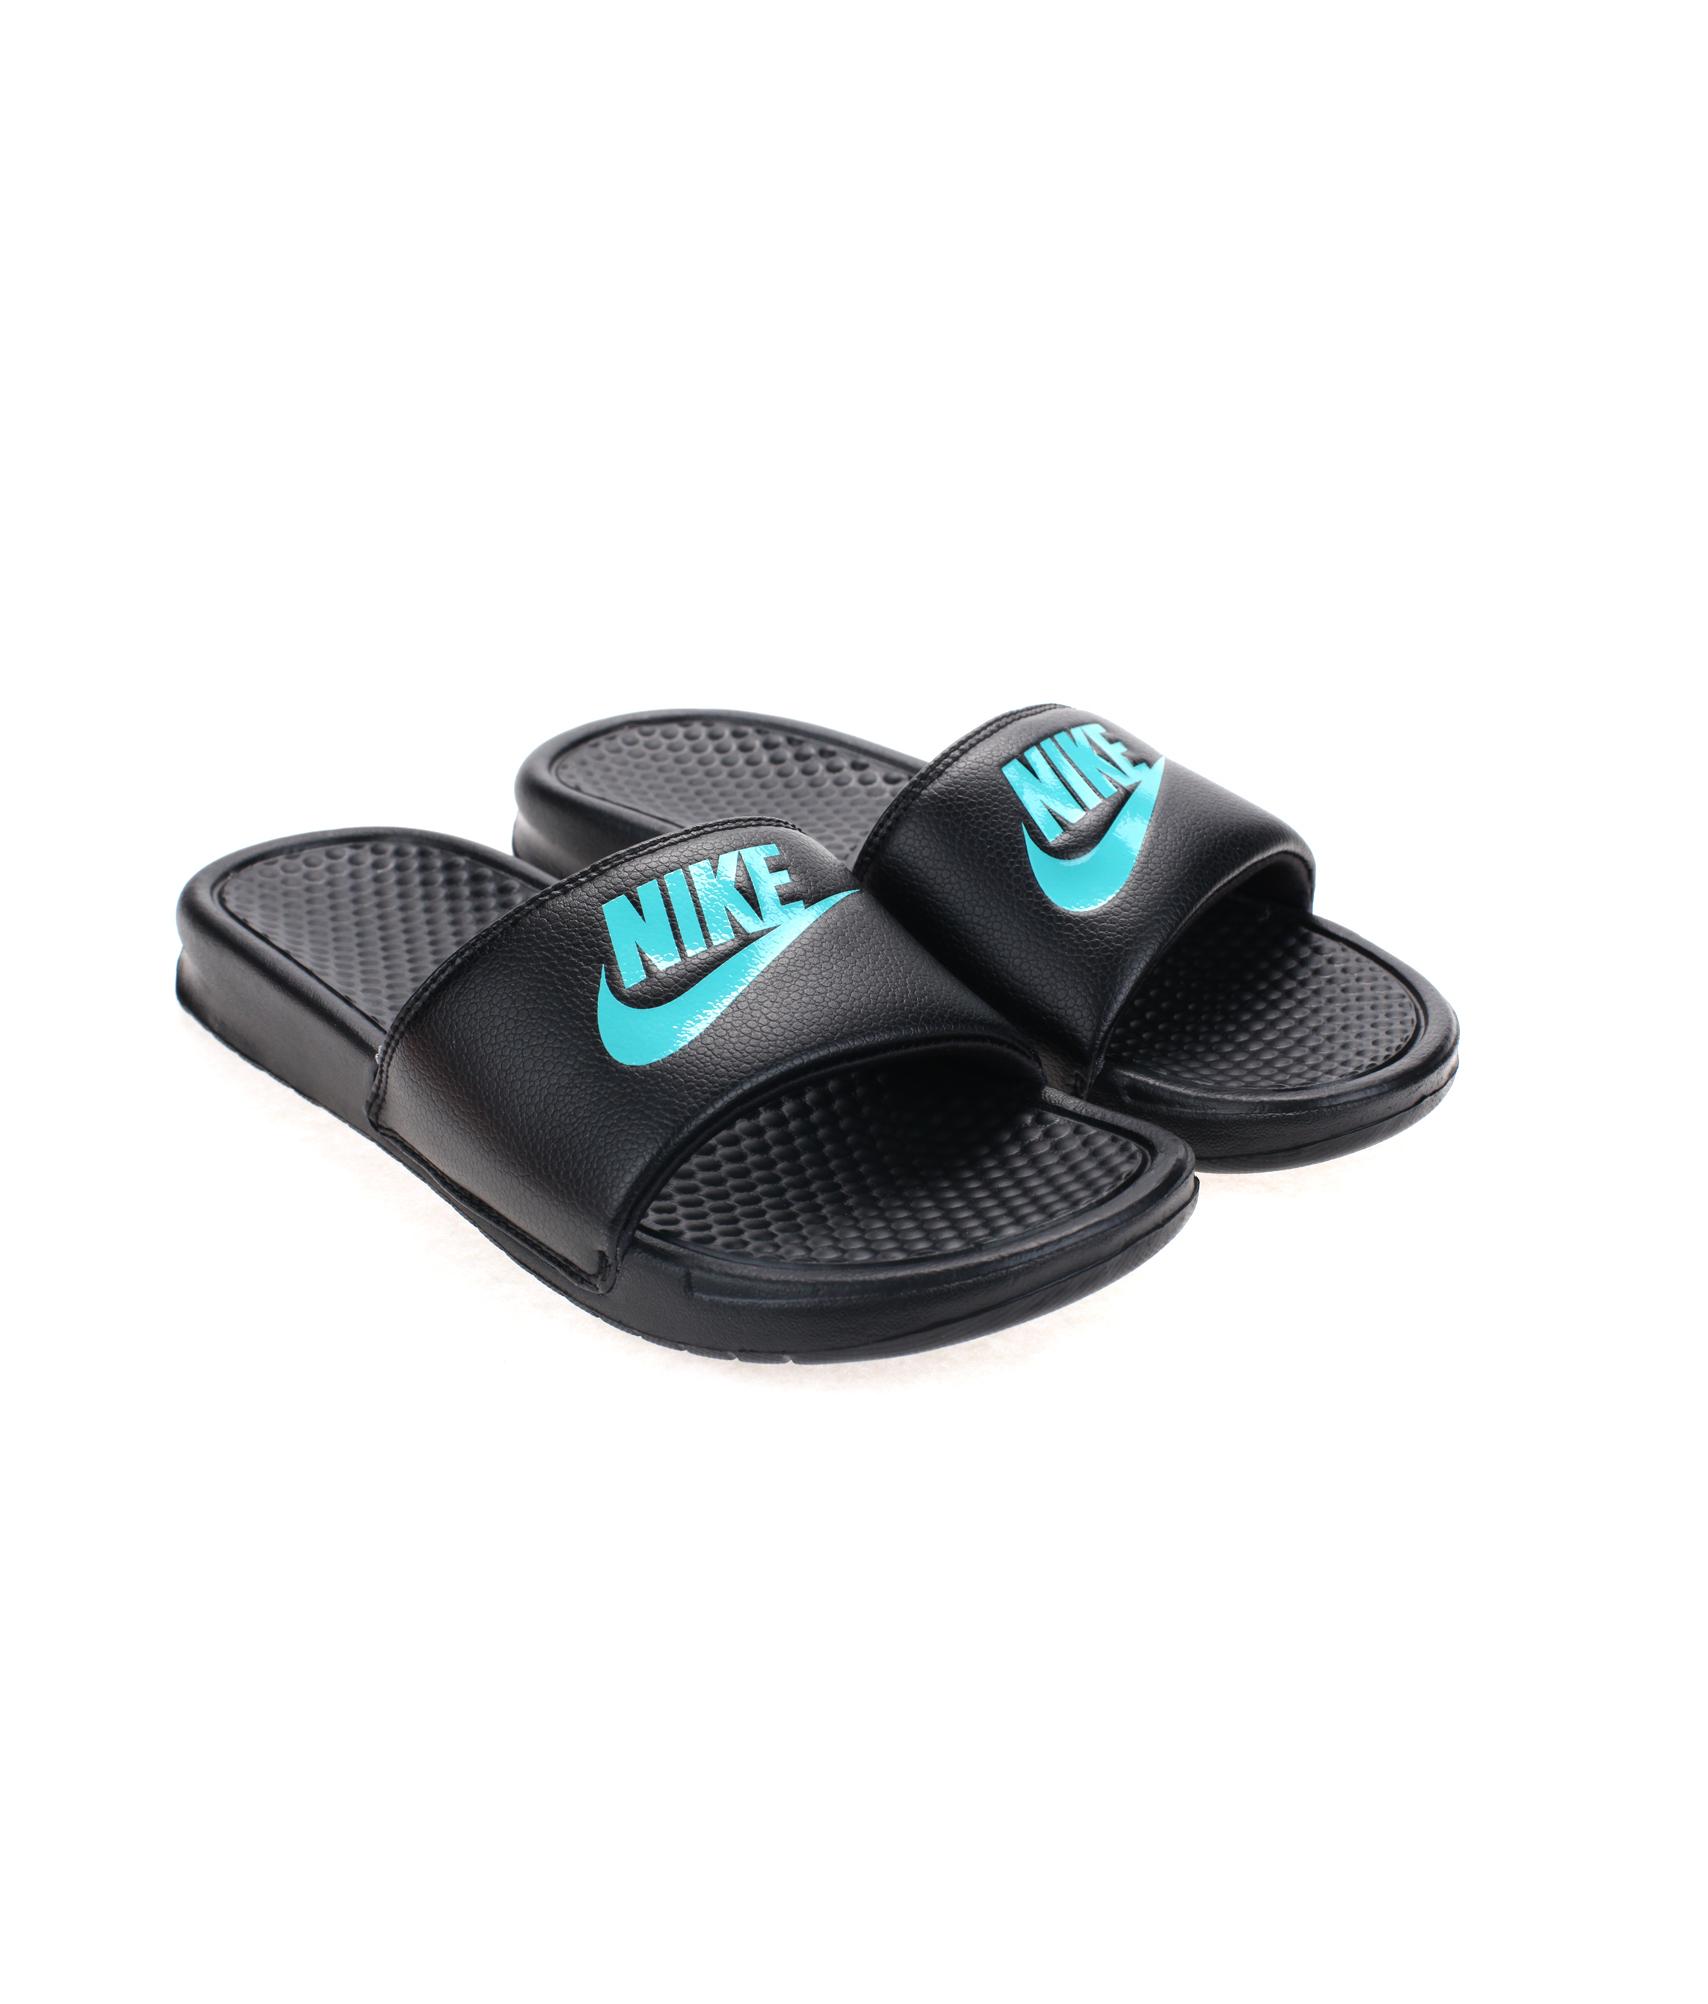 Сандалии Nike BENASSI JDI , Цвет-Черный, Размер-10